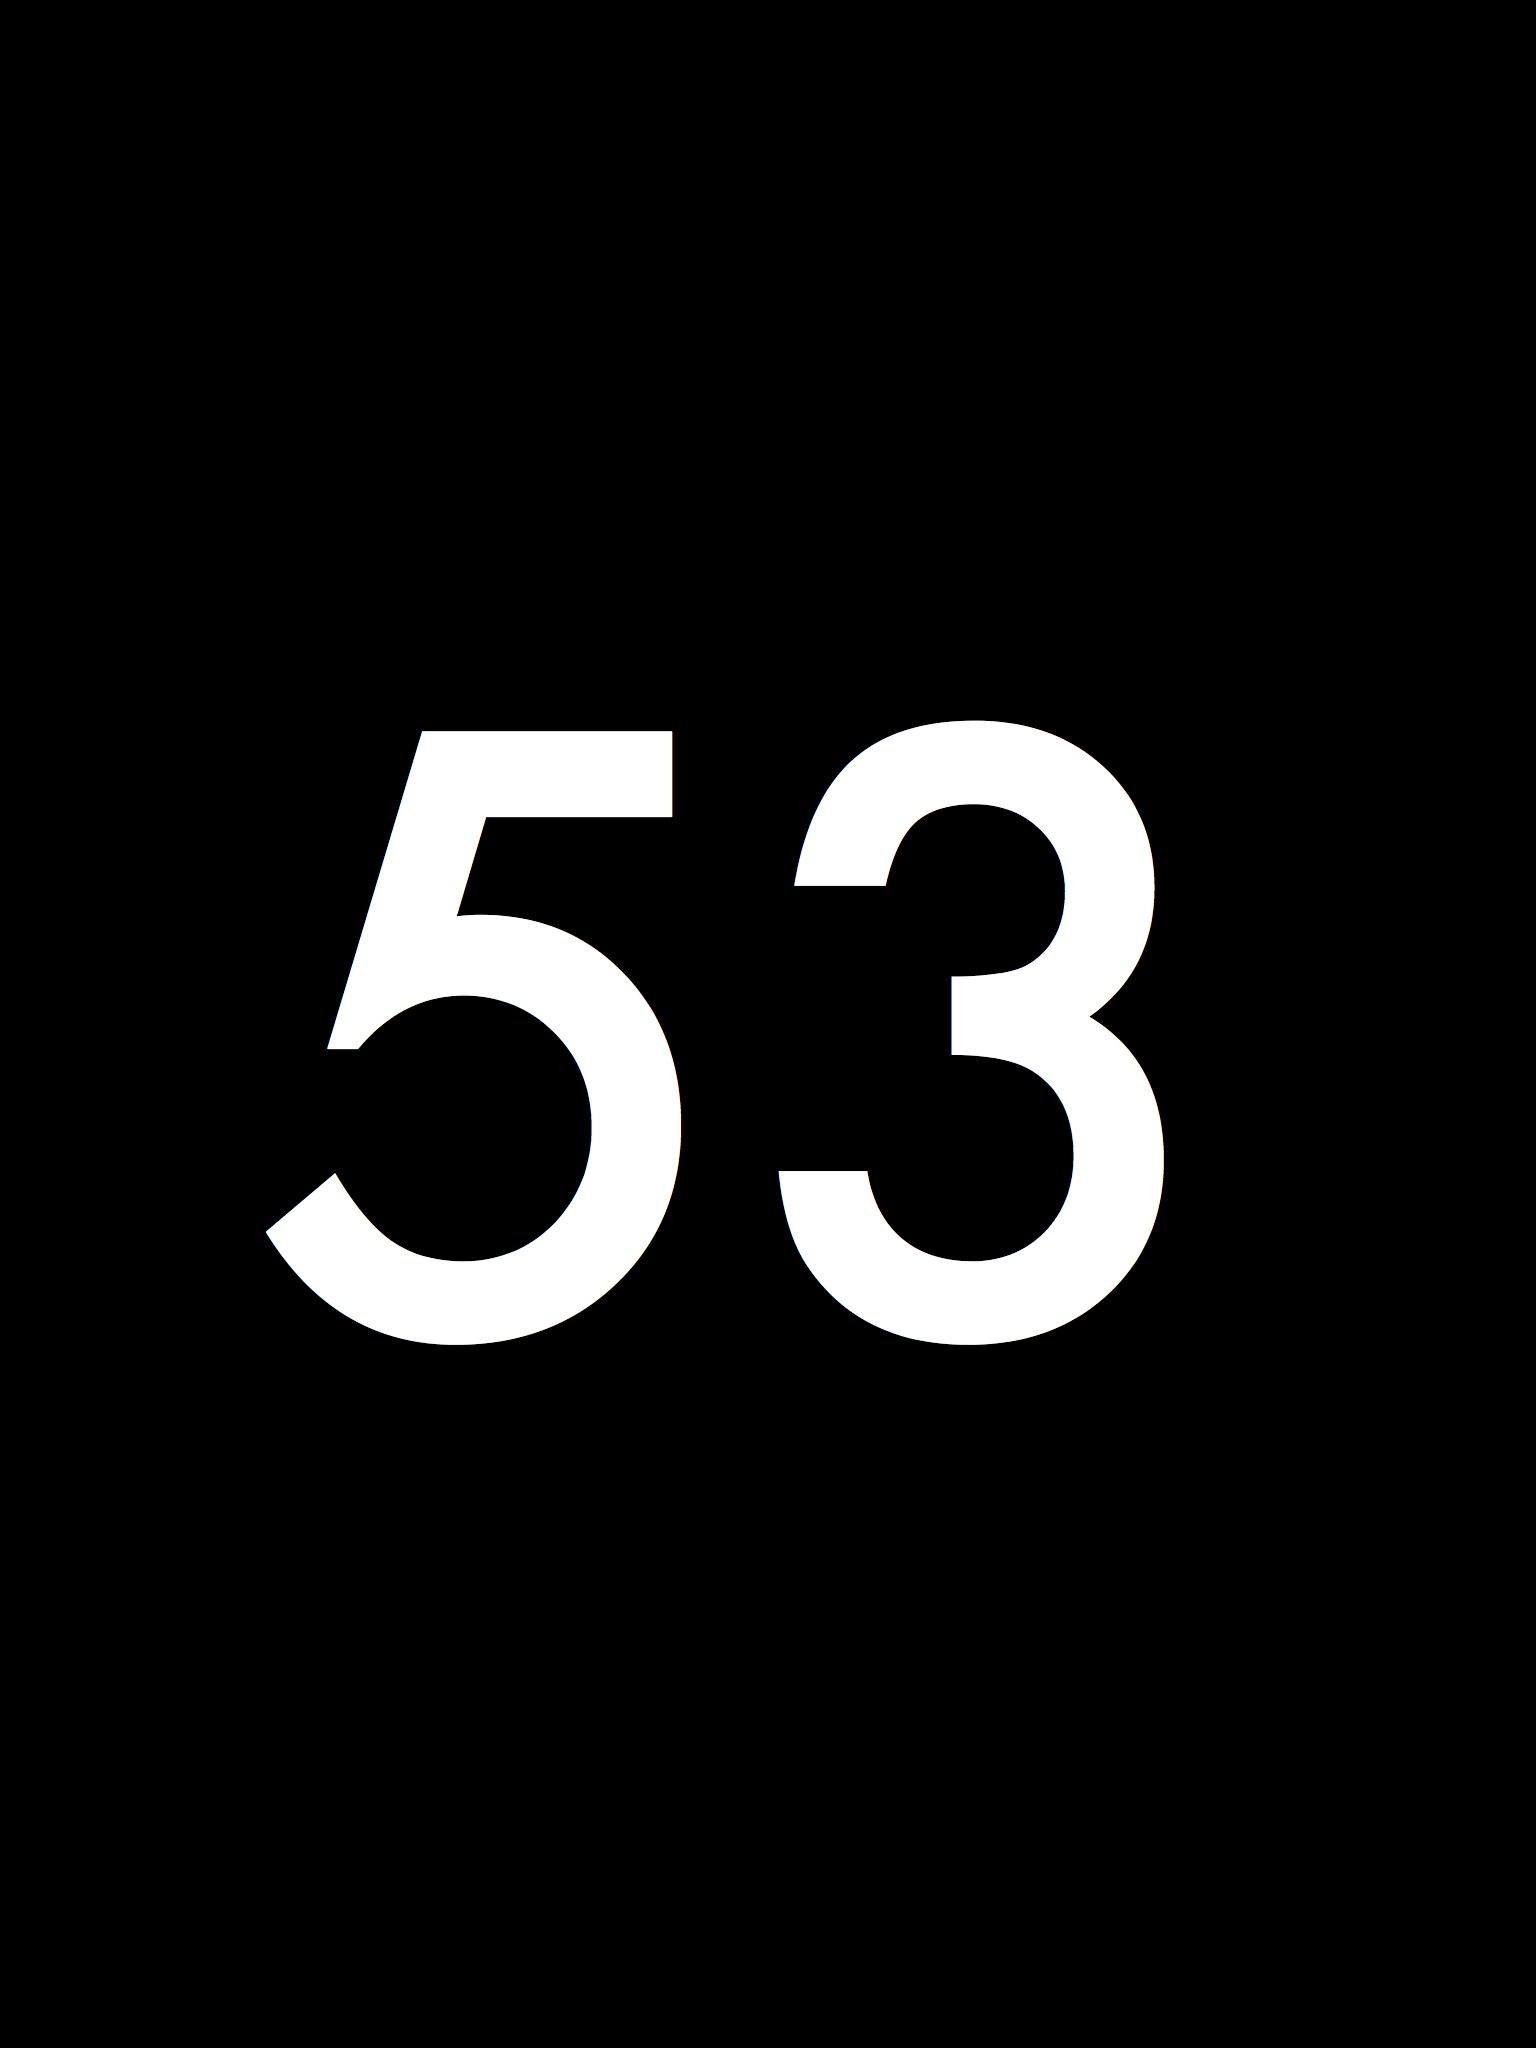 Black_Number.053.jpg